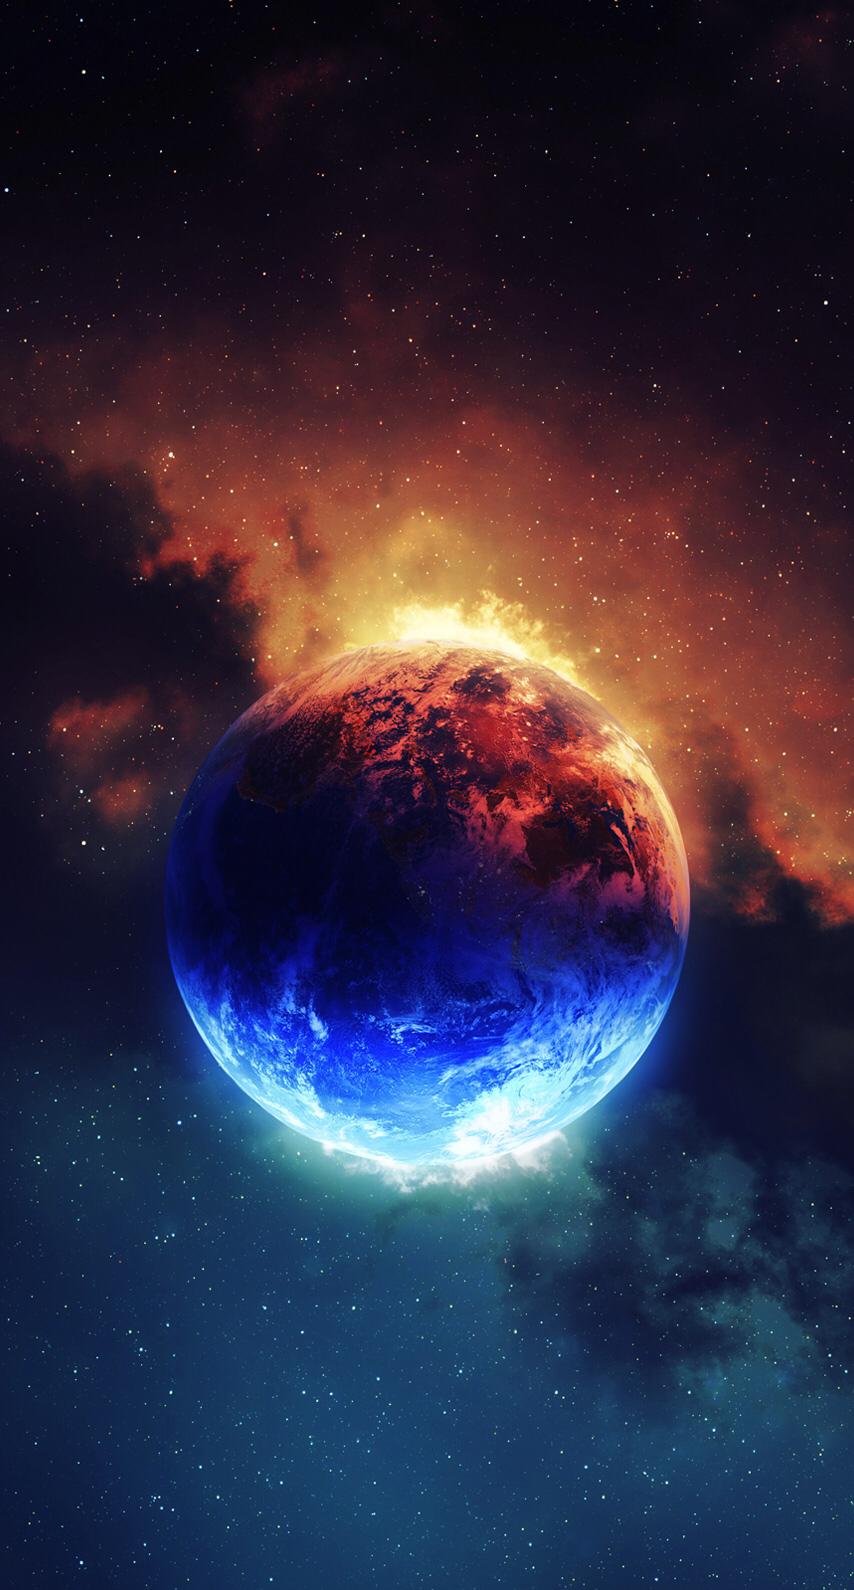 Elements Wallpaper Galaxy wallpaper, Produção de